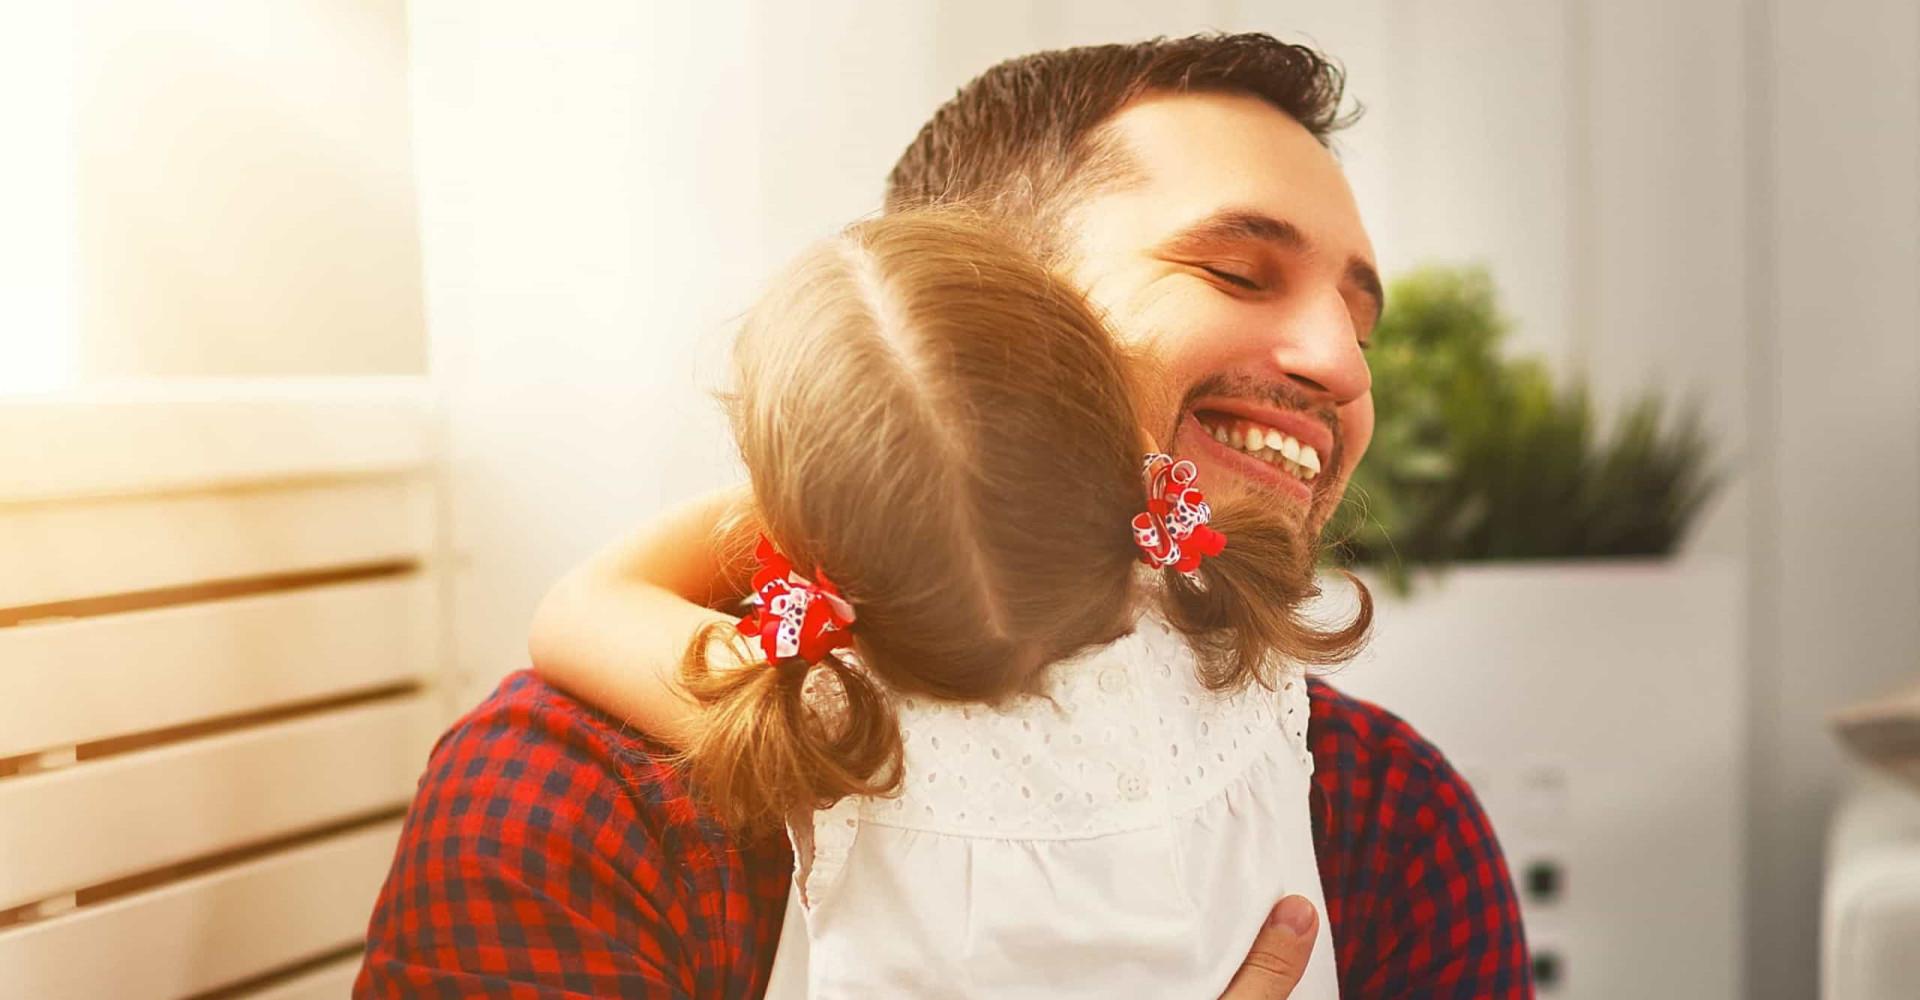 Vaders zijn gelukkiger dan moeders